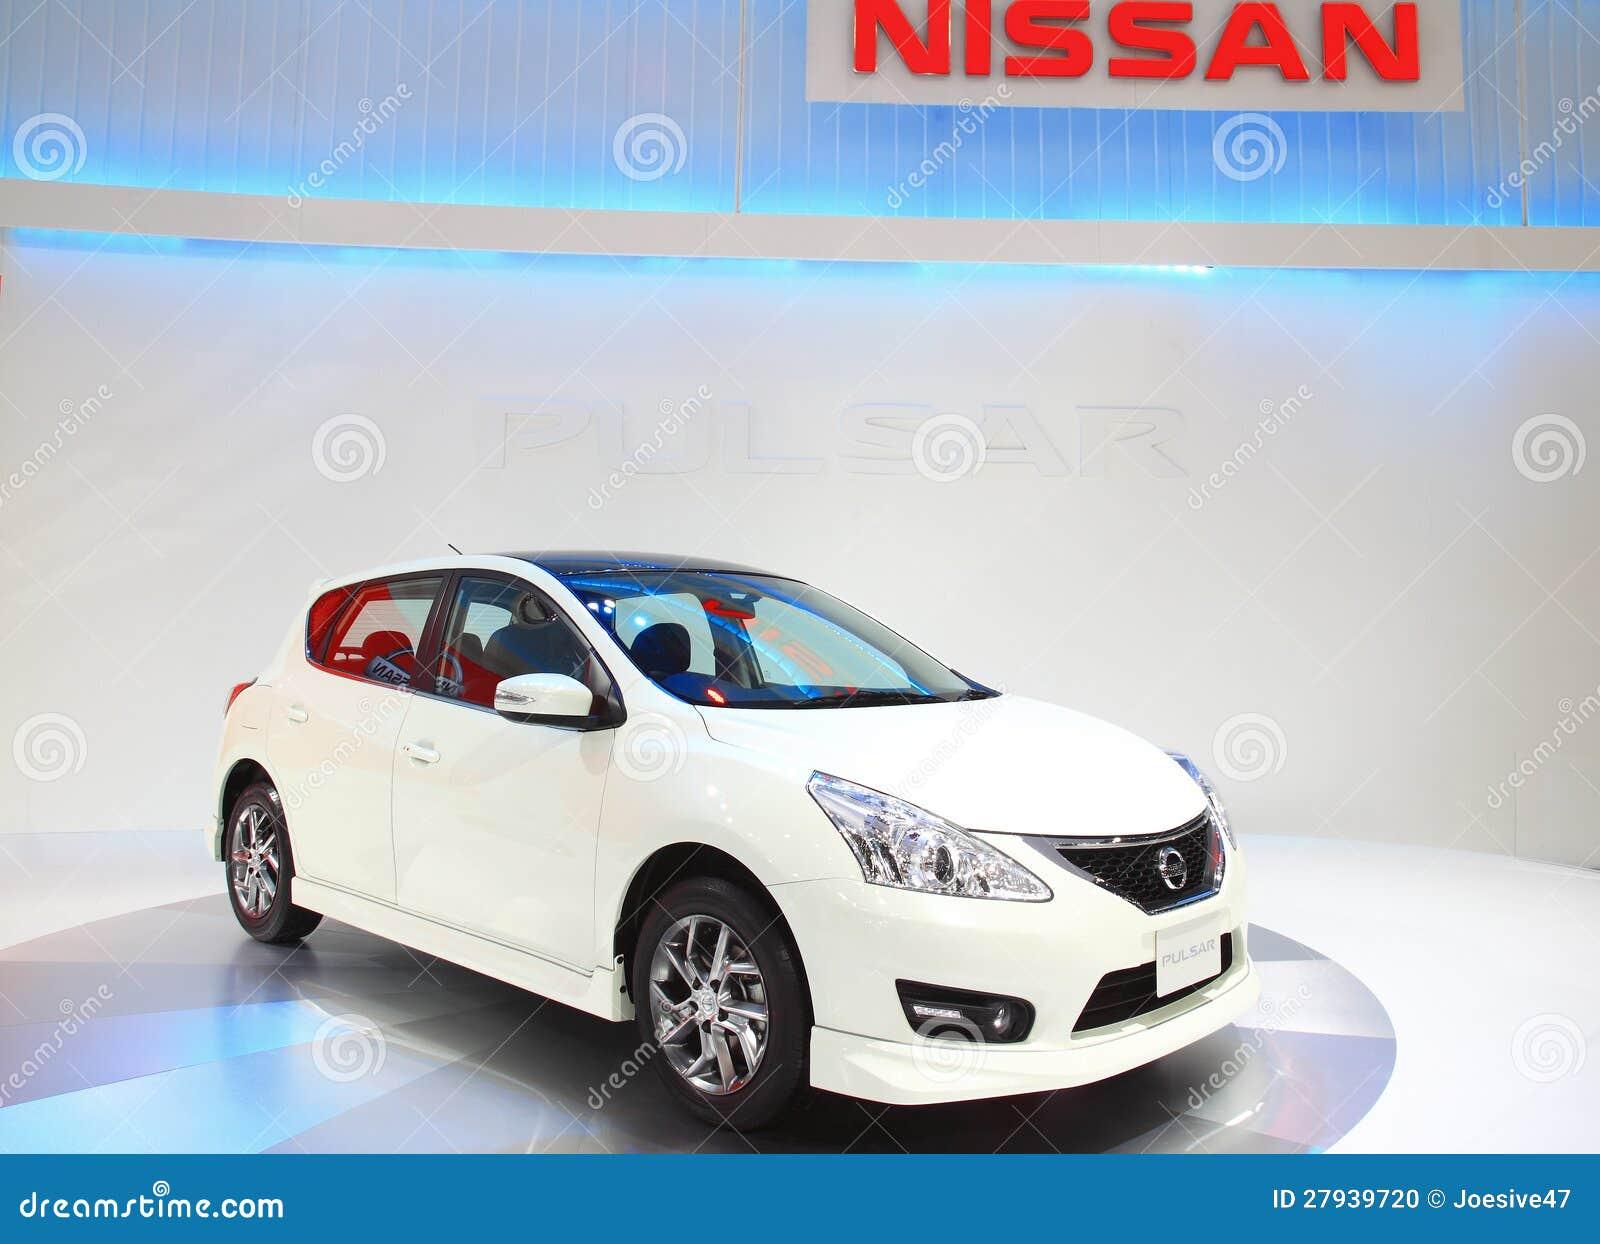 Nissan Pulsar Bangkok Motor Expo 2012 Editorial Image